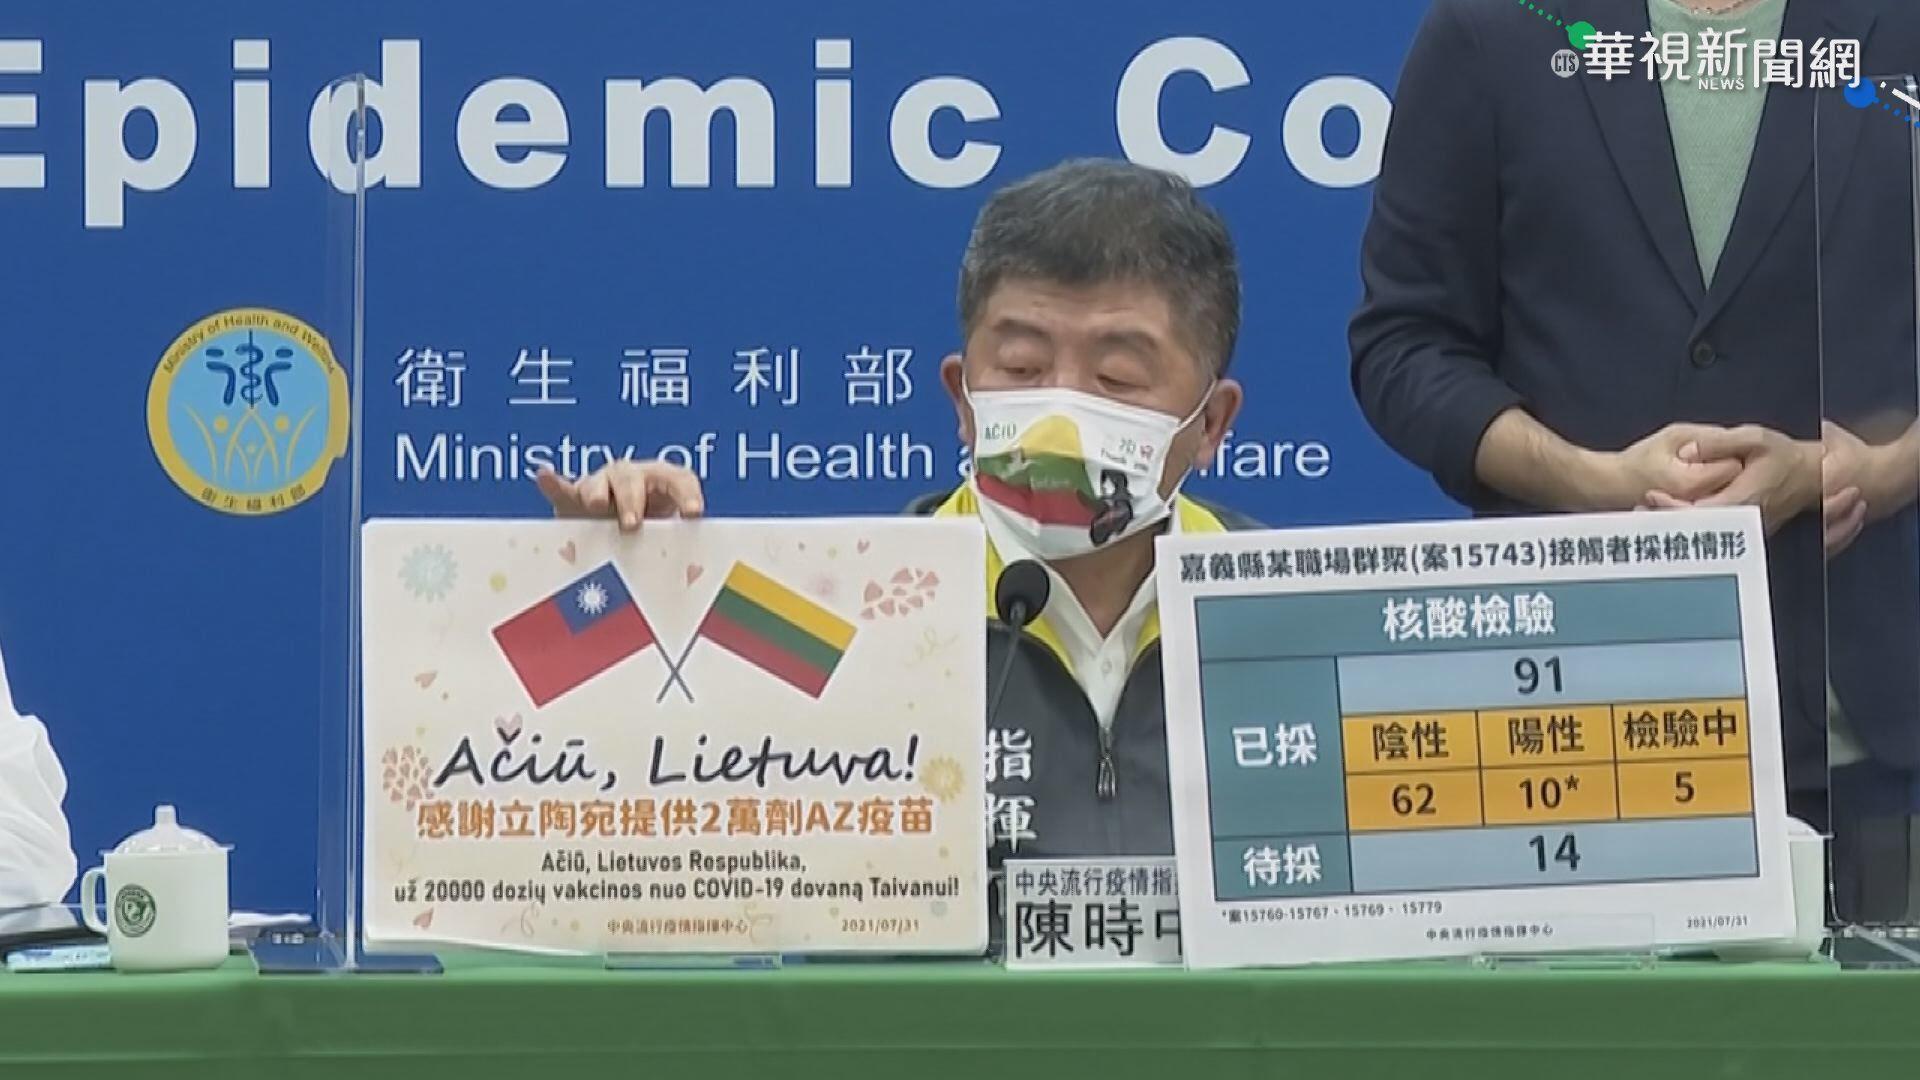 本土11例! 陳時中:感謝立陶宛送疫苗